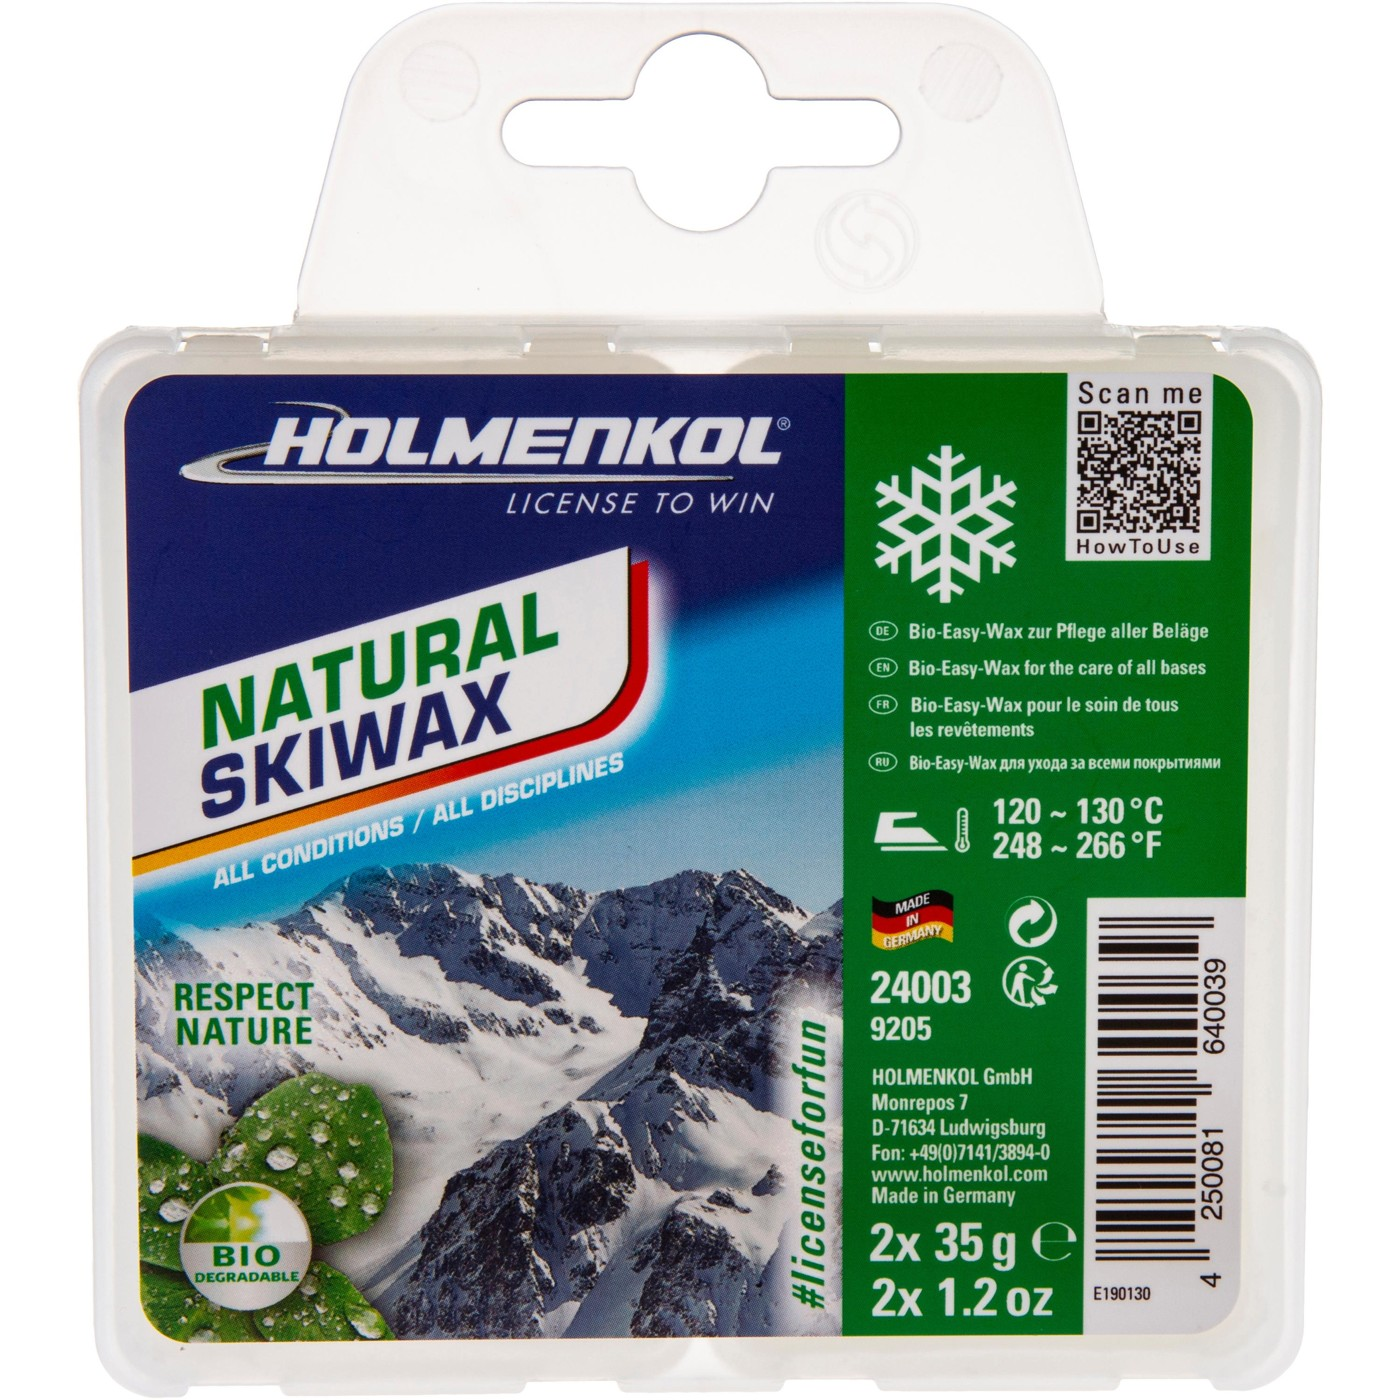 HOLMENKOL Natural Skiwax 2x35g